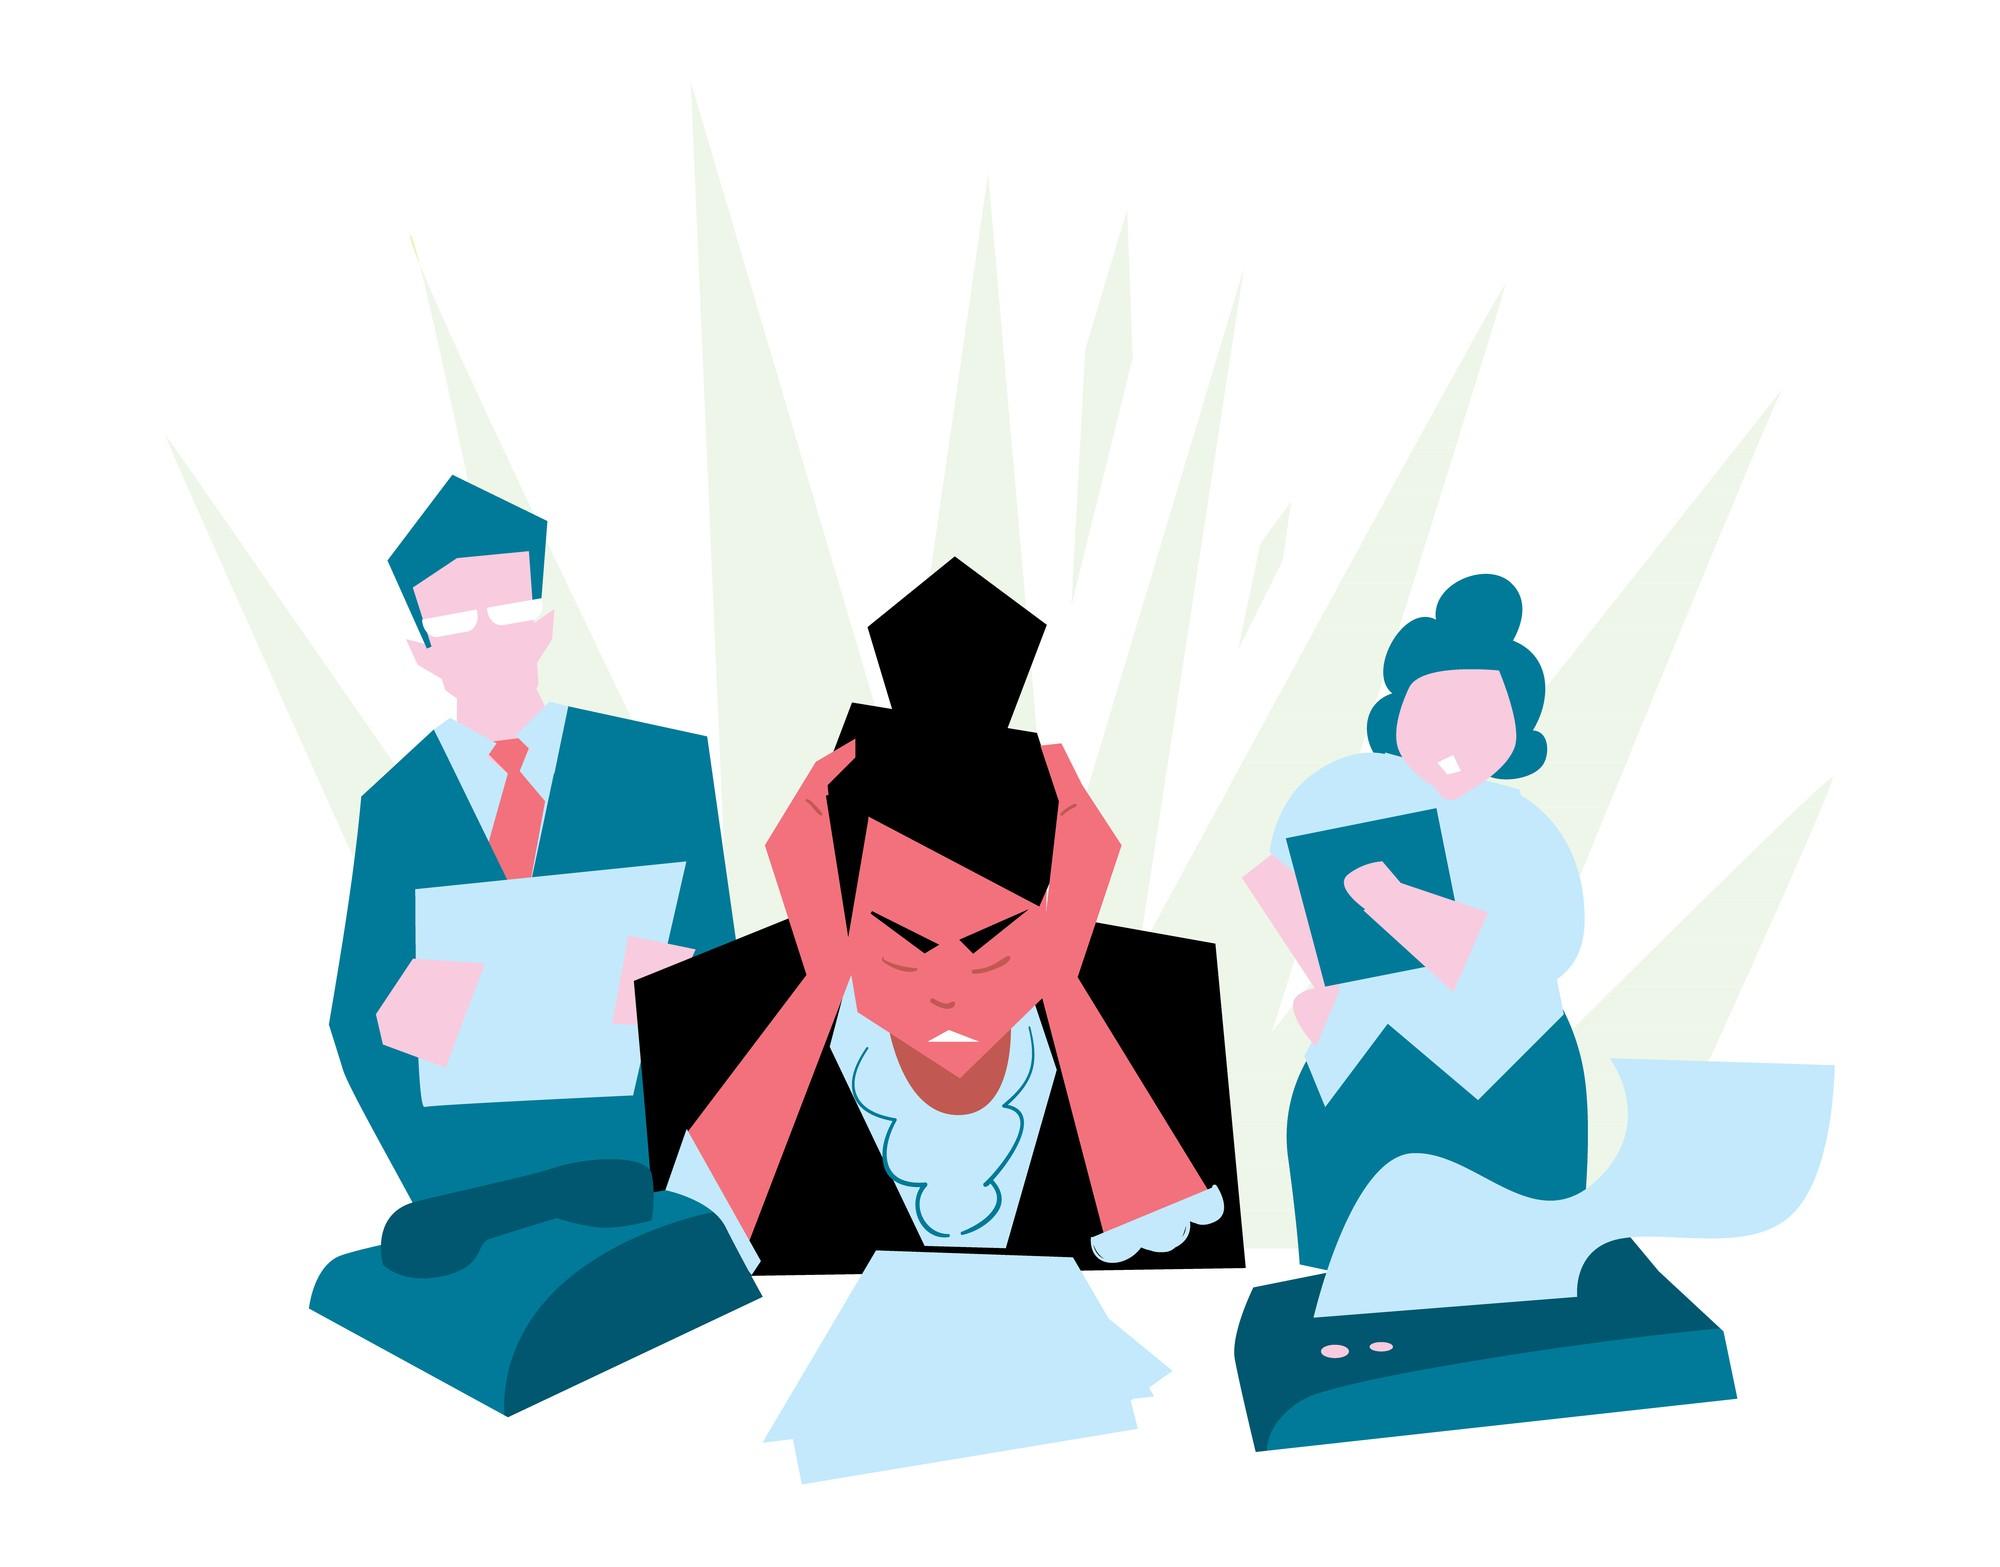 mujer frustrada con su trabajo, agobio laboral